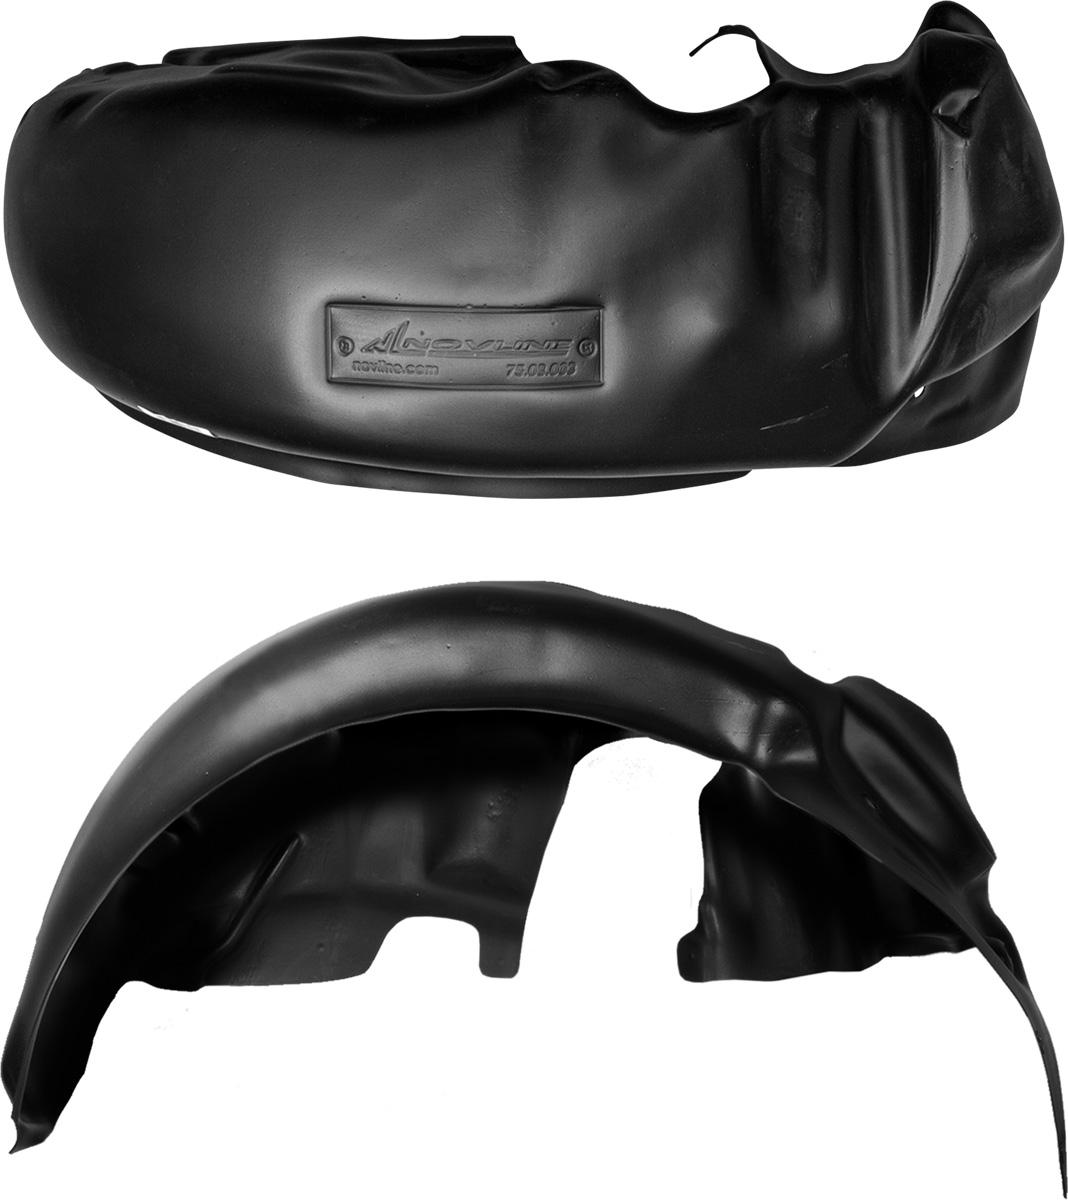 Подкрылок CHEVROLET Spark 2010->, задний правыйNLL.08.14.004Колесные ниши – одни из самых уязвимых зон днища вашего автомобиля. Они постоянно подвергаются воздействию со стороны дороги. Лучшая, почти абсолютная защита для них - специально отформованные пластиковые кожухи, которые называются подкрылками, или локерами. Производятся они как для отечественных моделей автомобилей, так и для иномарок. Подкрылки выполнены из высококачественного, экологически чистого пластика. Обеспечивают надежную защиту кузова автомобиля от пескоструйного эффекта и негативного влияния, агрессивных антигололедных реагентов. Пластик обладает более низкой теплопроводностью, чем металл, поэтому в зимний период эксплуатации использование пластиковых подкрылков позволяет лучше защитить колесные ниши от налипания снега и образования наледи. Оригинальность конструкции подчеркивает элегантность автомобиля, бережно защищает нанесенное на днище кузова антикоррозийное покрытие и позволяет осуществить крепление подкрылков внутри колесной арки практически без дополнительного...